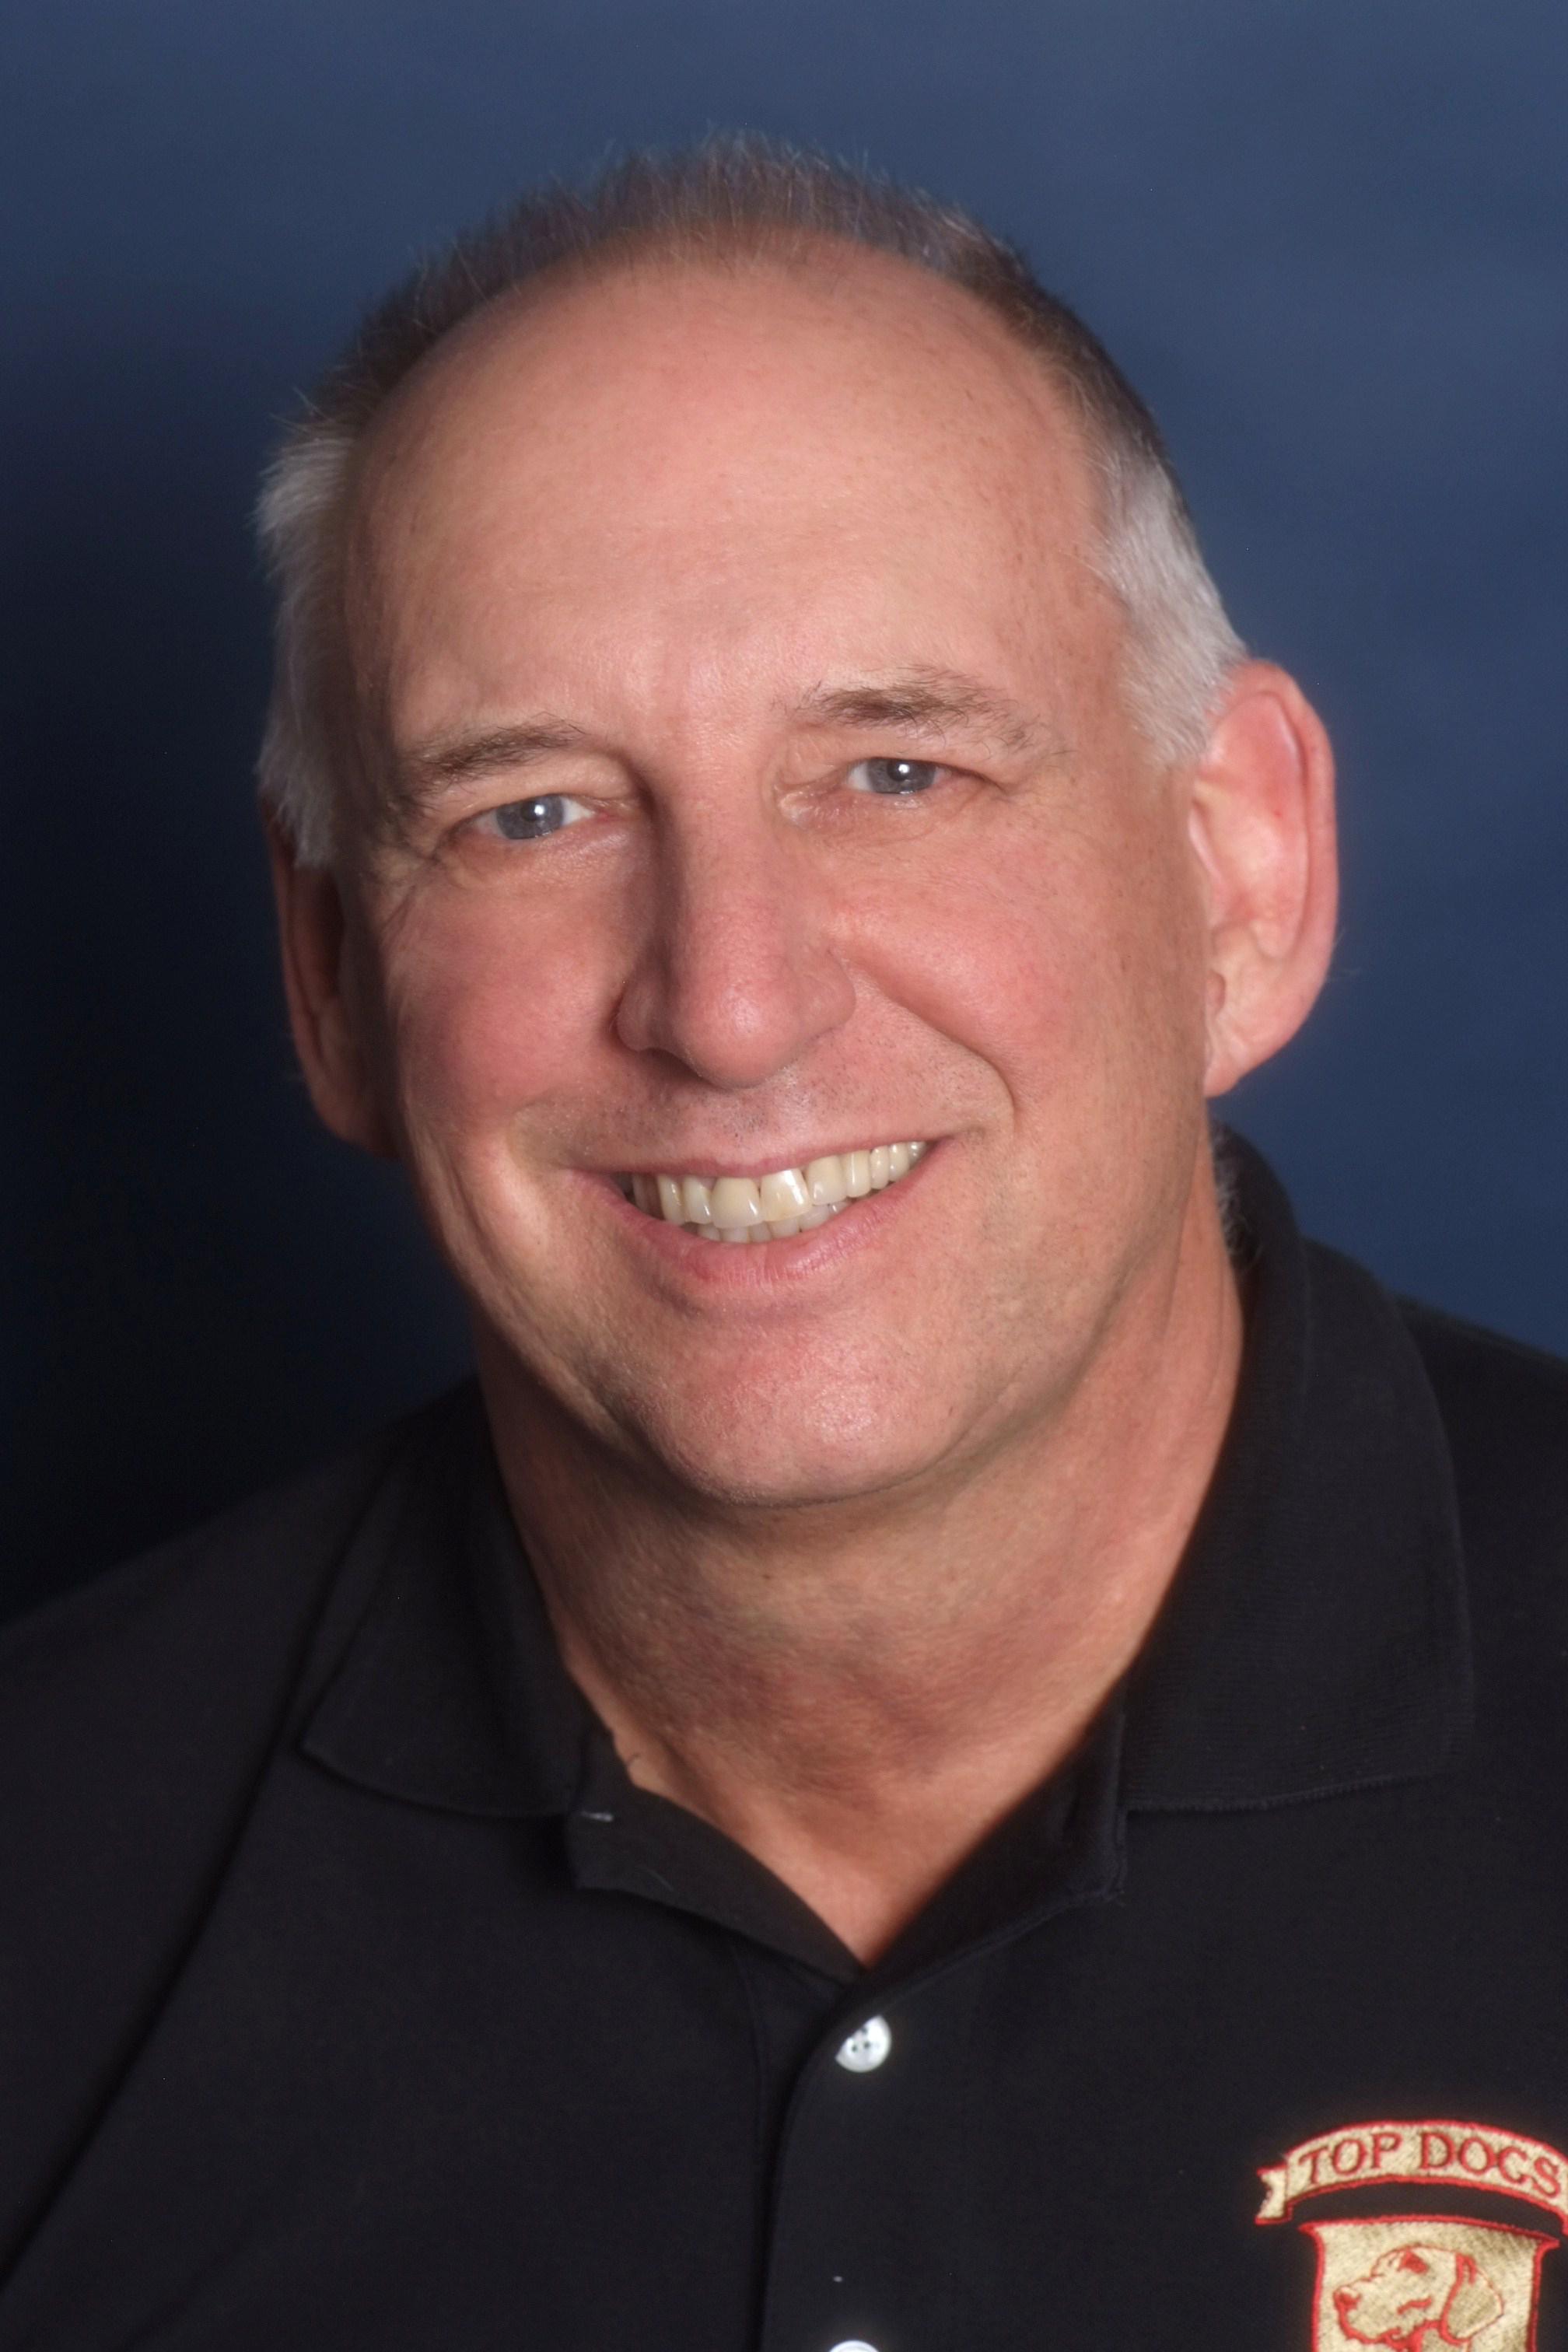 Bob McComb